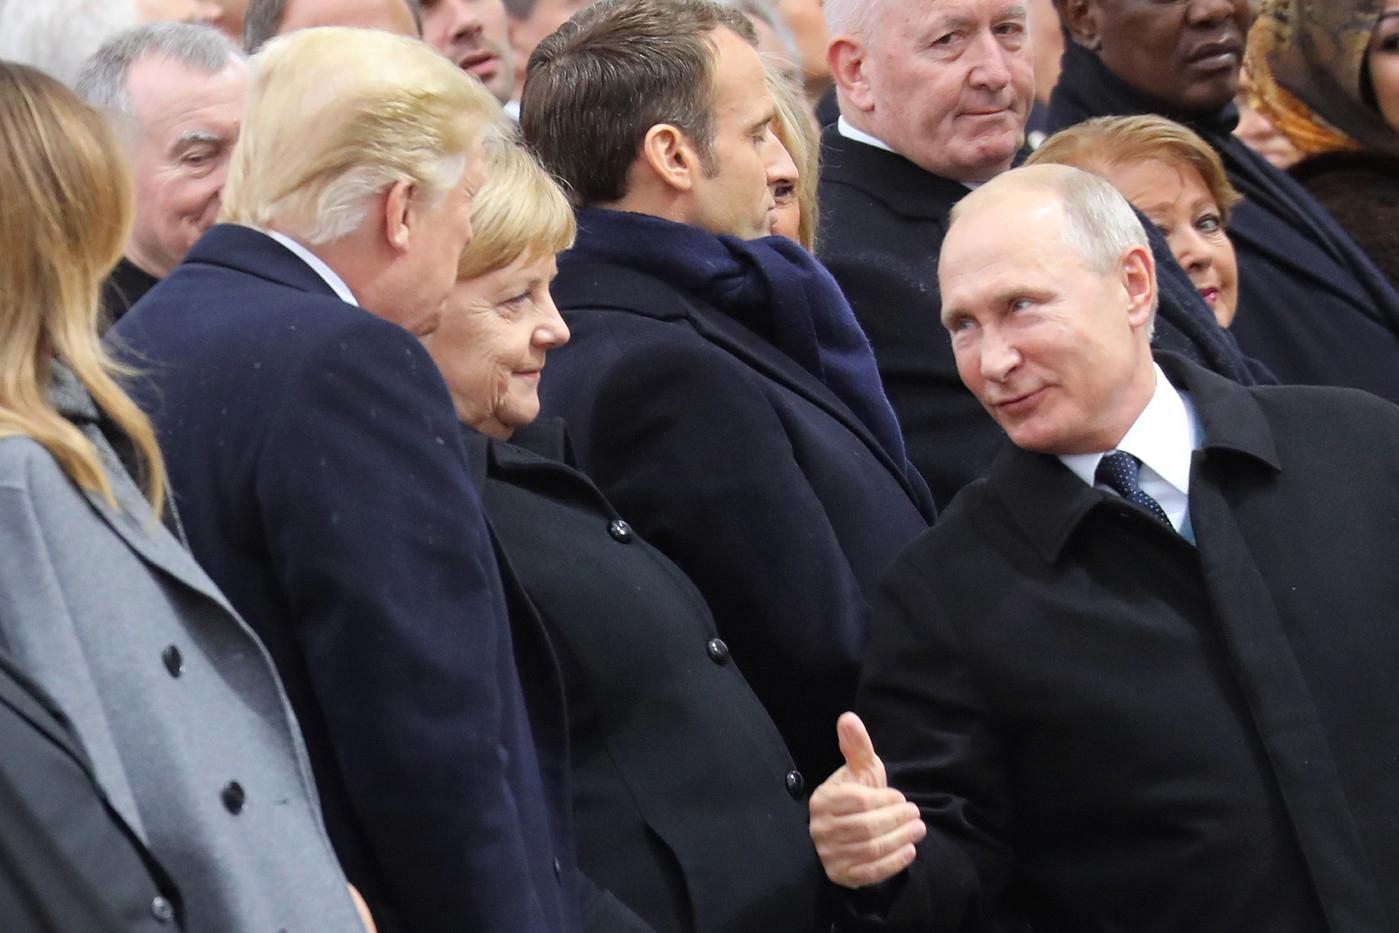 sur le site de la croix : https://www.la-croix.com/Monde/A-Elysee-conversation-batons-rompus-entre-Trump-Poutine-2018-11-11-1300982361